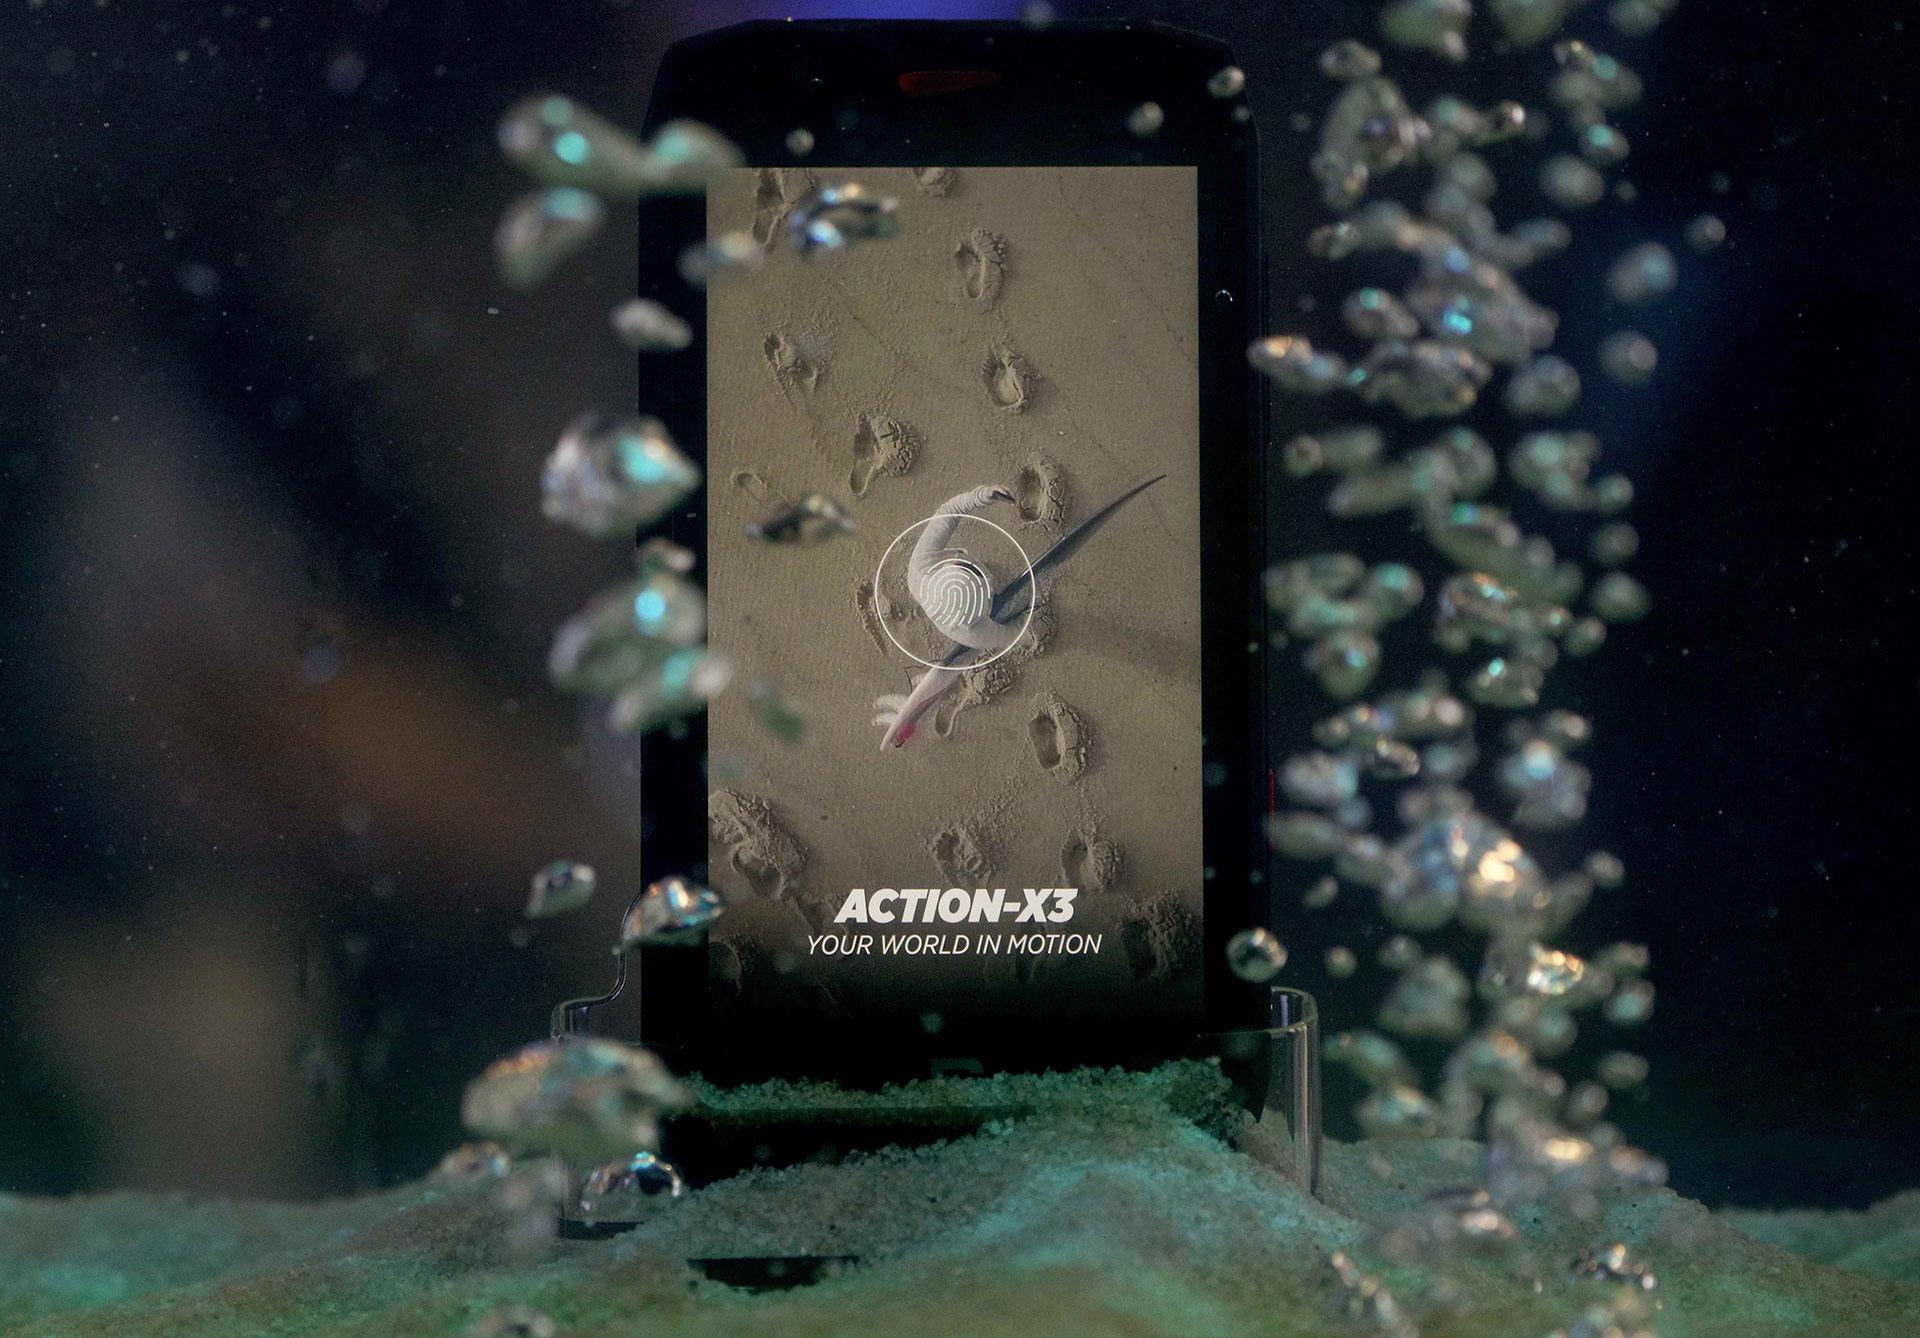 El Action X3 fue diseñado conforme a la norma MIL STD 810G y la IK02. Puede resistir a caídas, golpes, arena, húmedas y temperaturas extremas (desde -10°C y hasta más de 50°C)